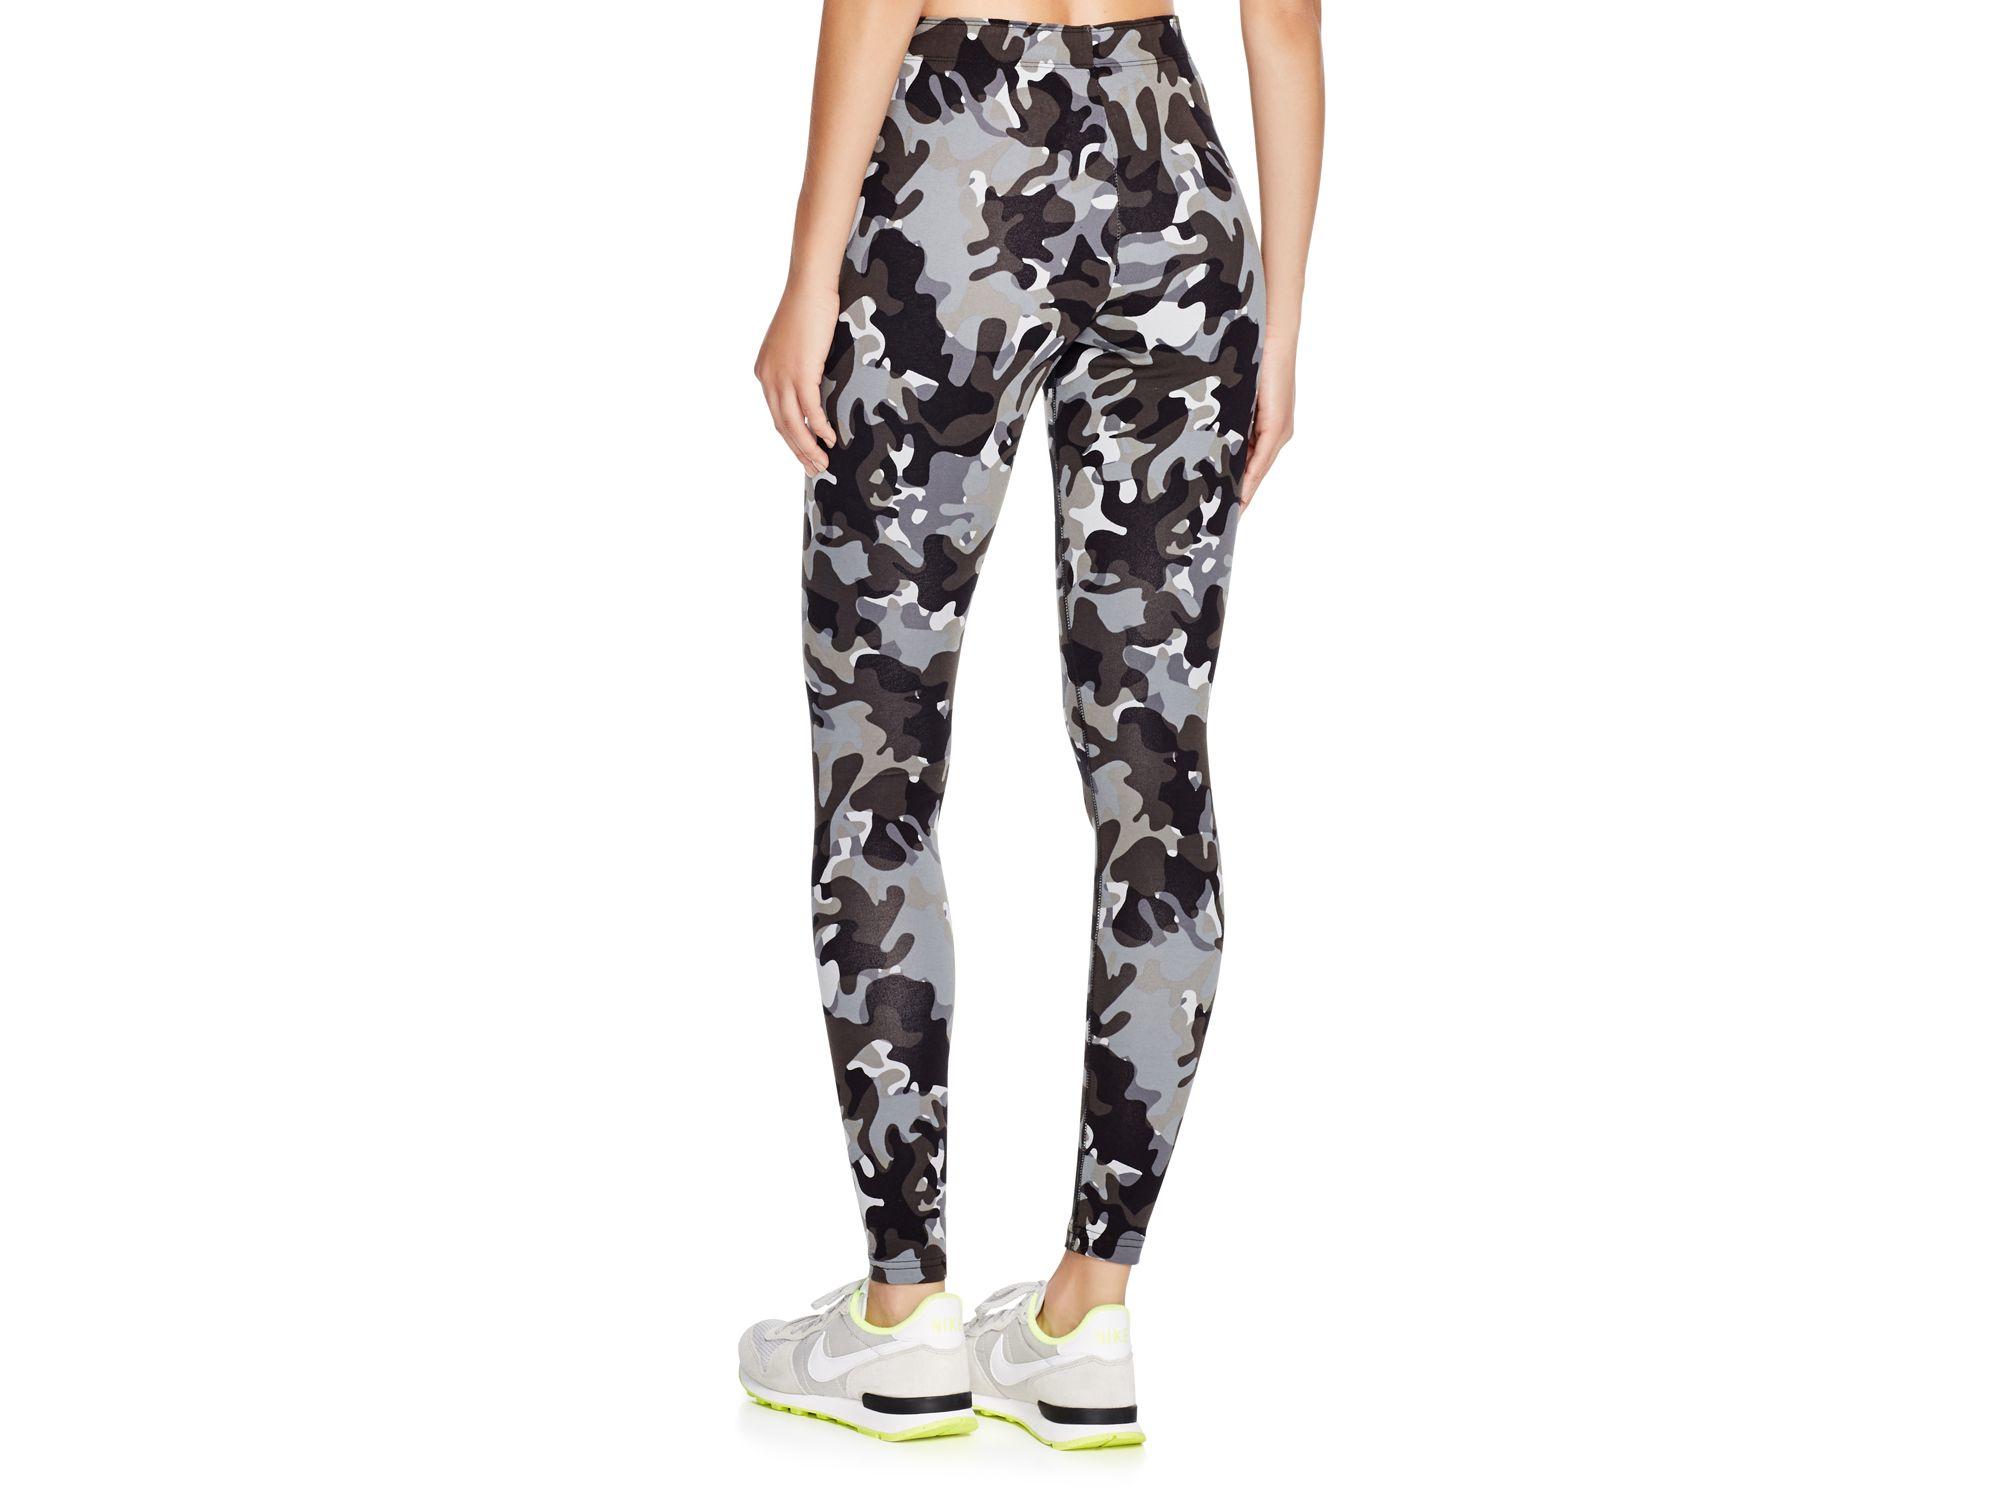 74856ec9df175 Nike Leg-a-see Aop Leggings in Black - Lyst